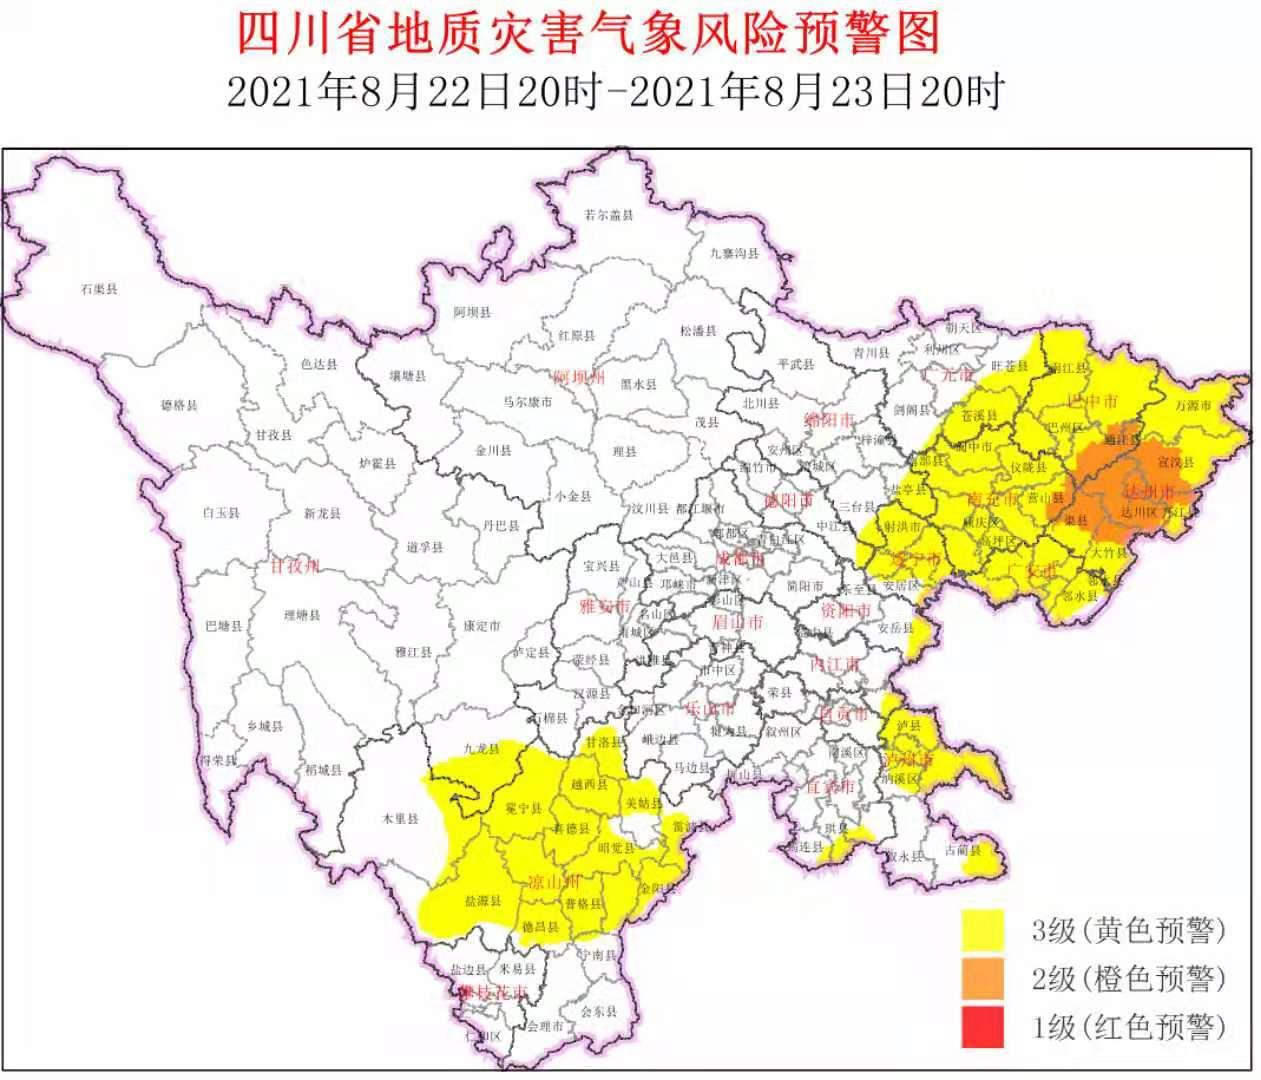 地质灾害预警升级!四川9县橙色预警 58县黄色预警